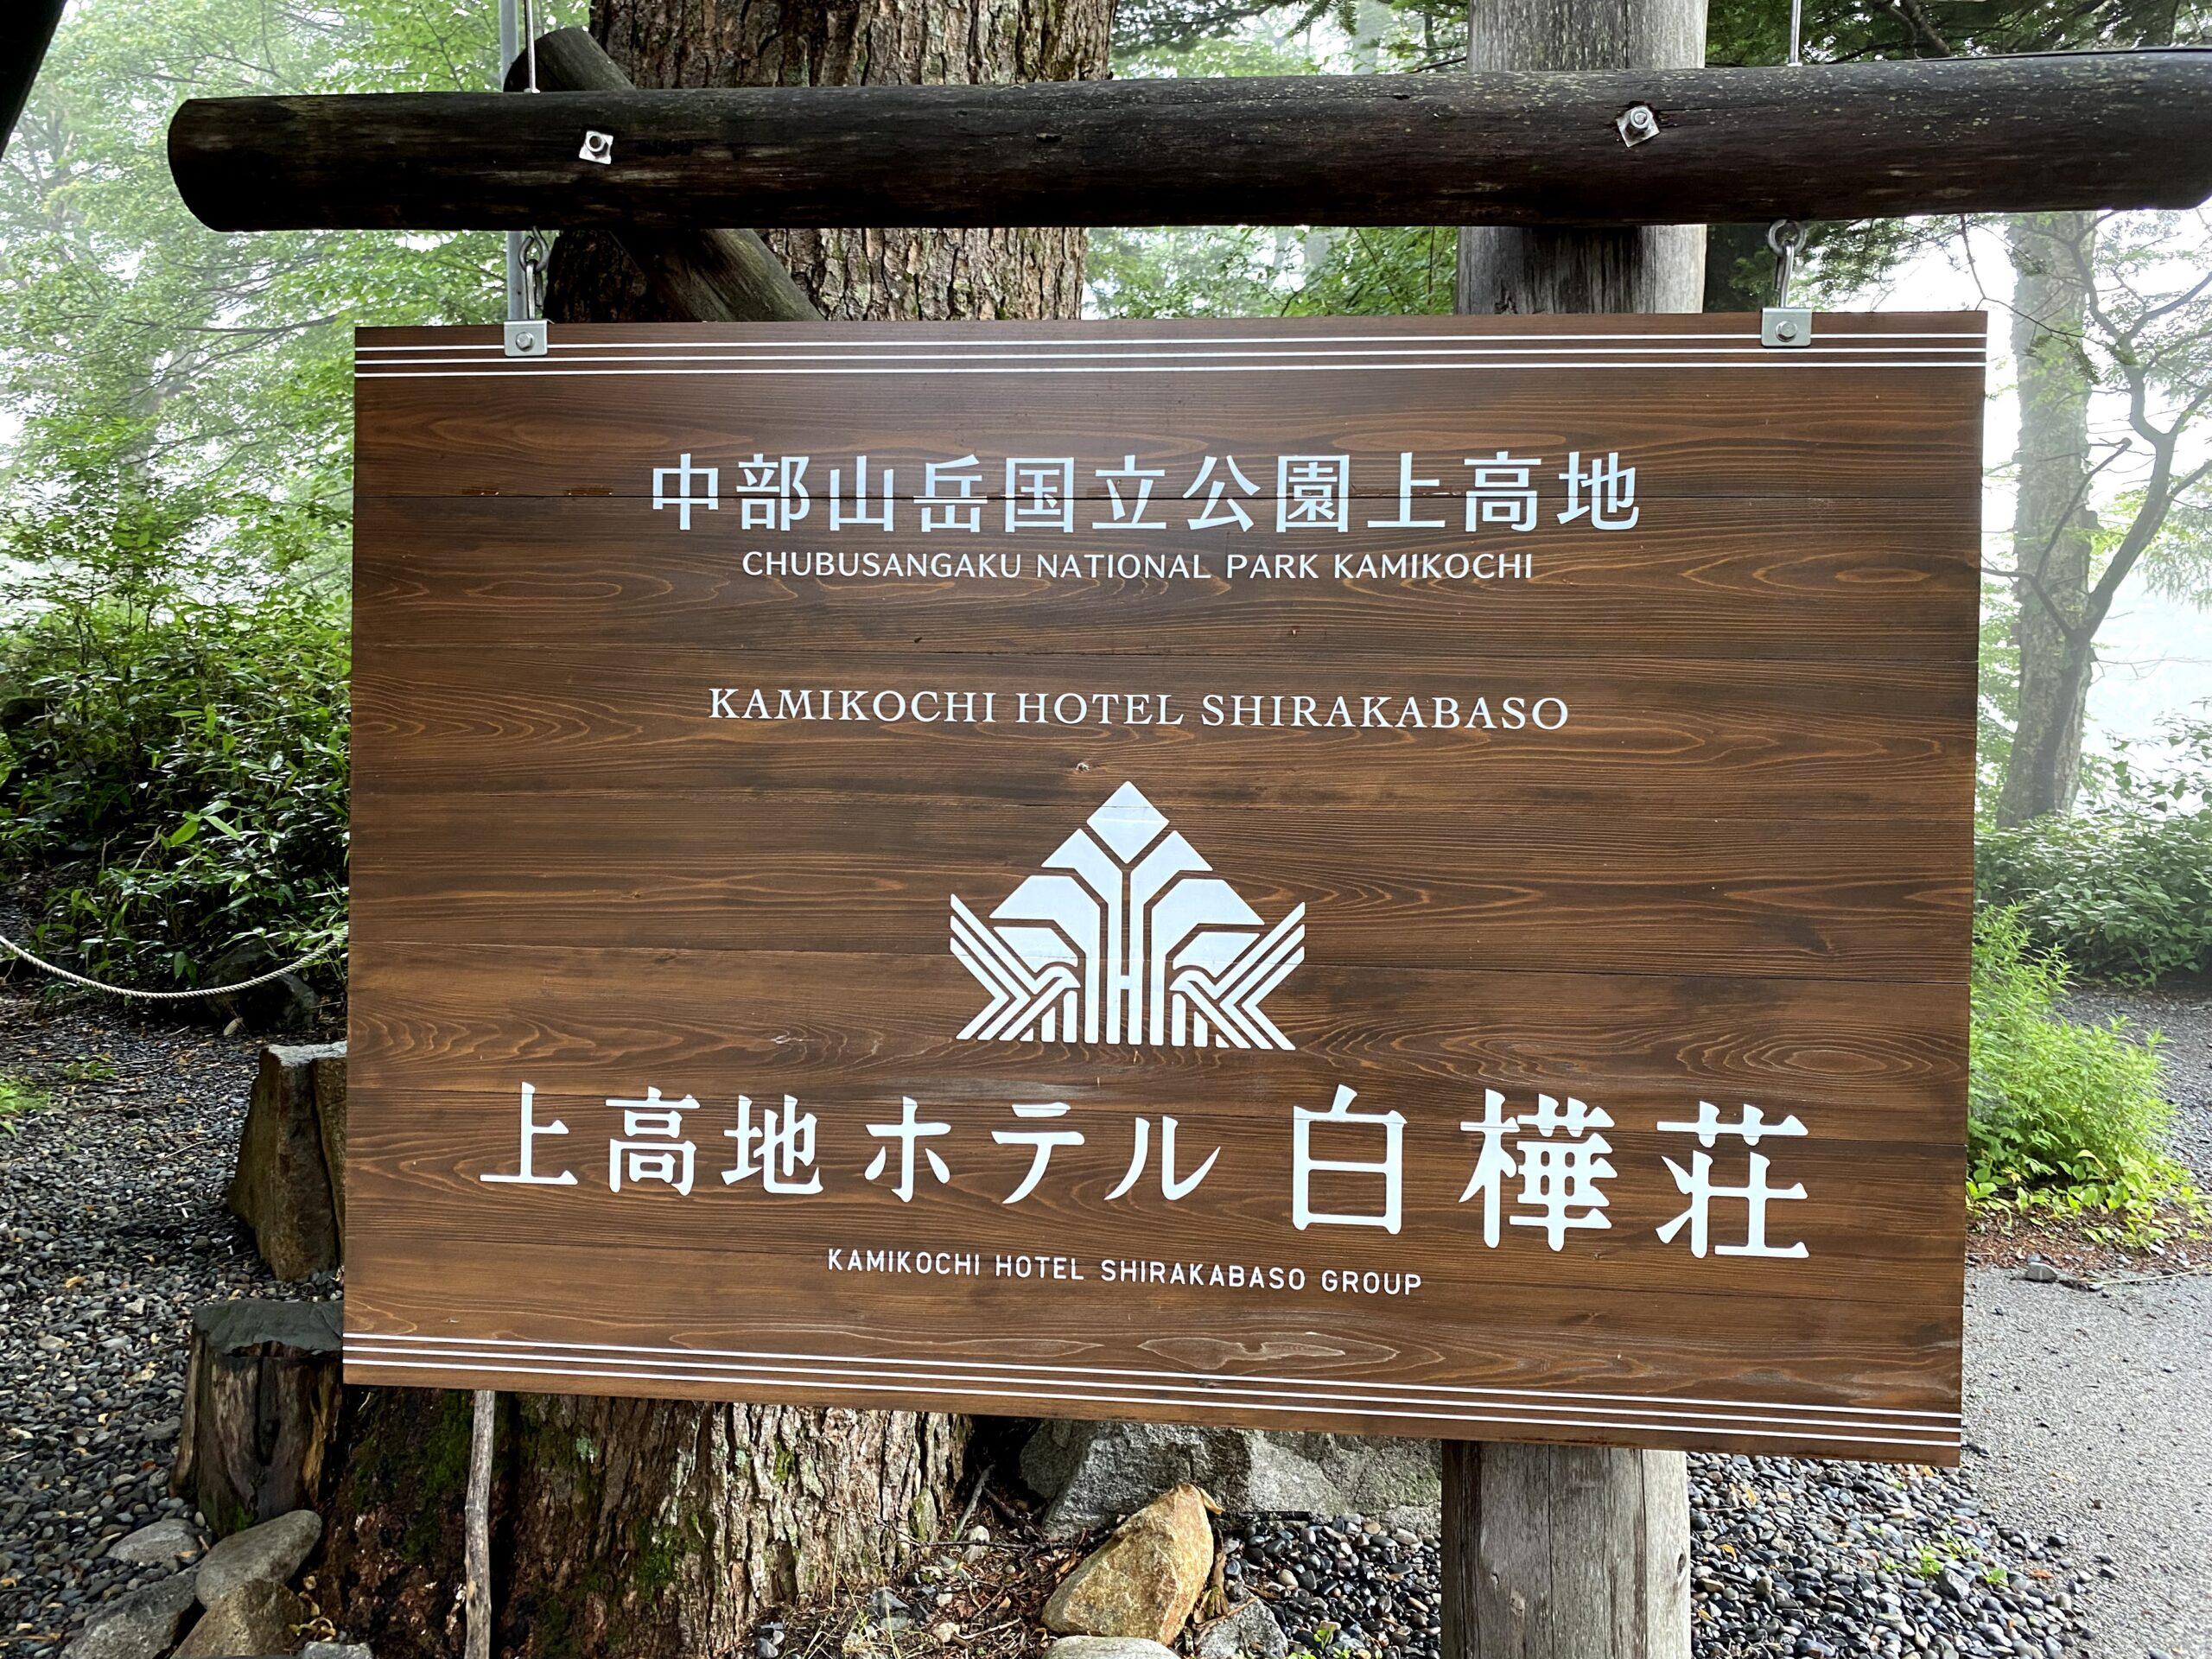 東京さんぽで行く上高地 白樺荘